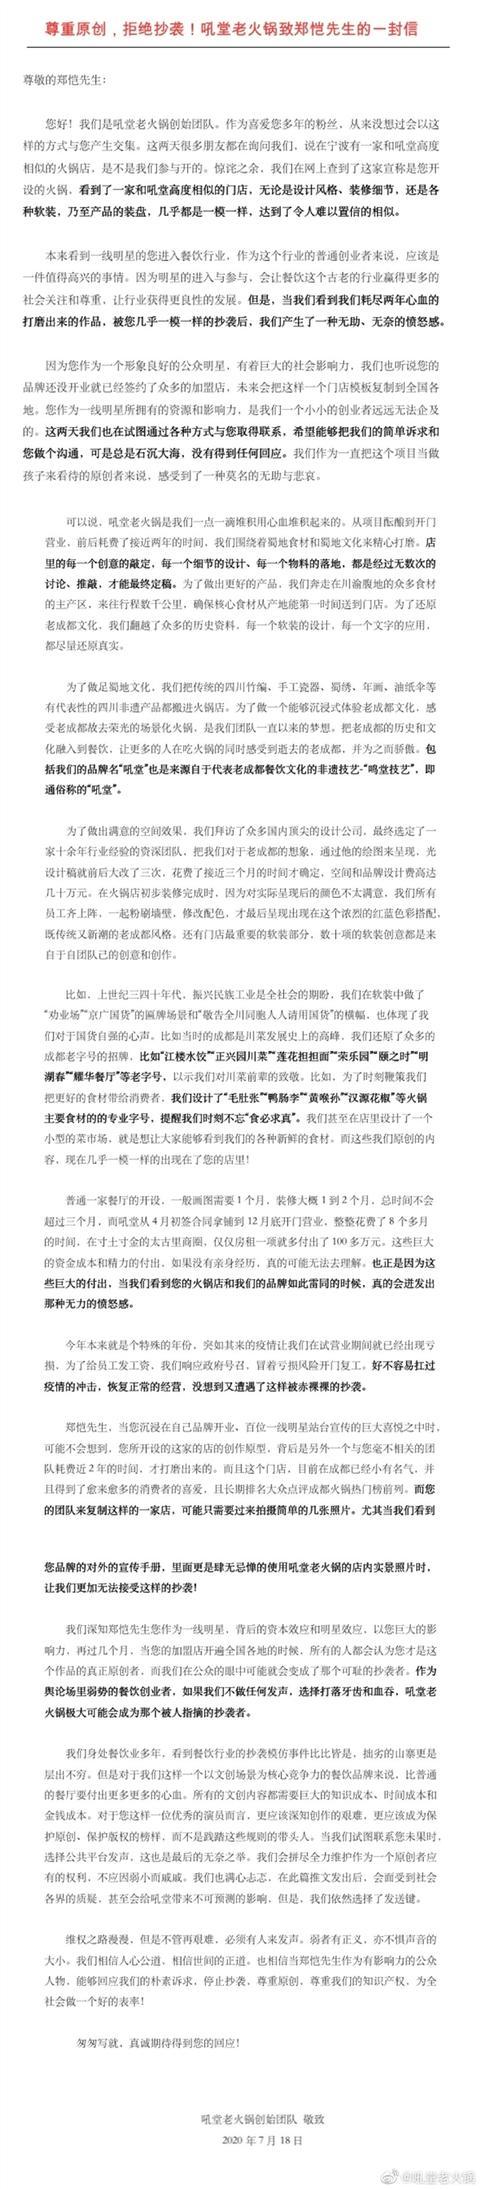 郑恺火锅店陷抄袭风波 吼堂老火锅微博维权:请尊重原创